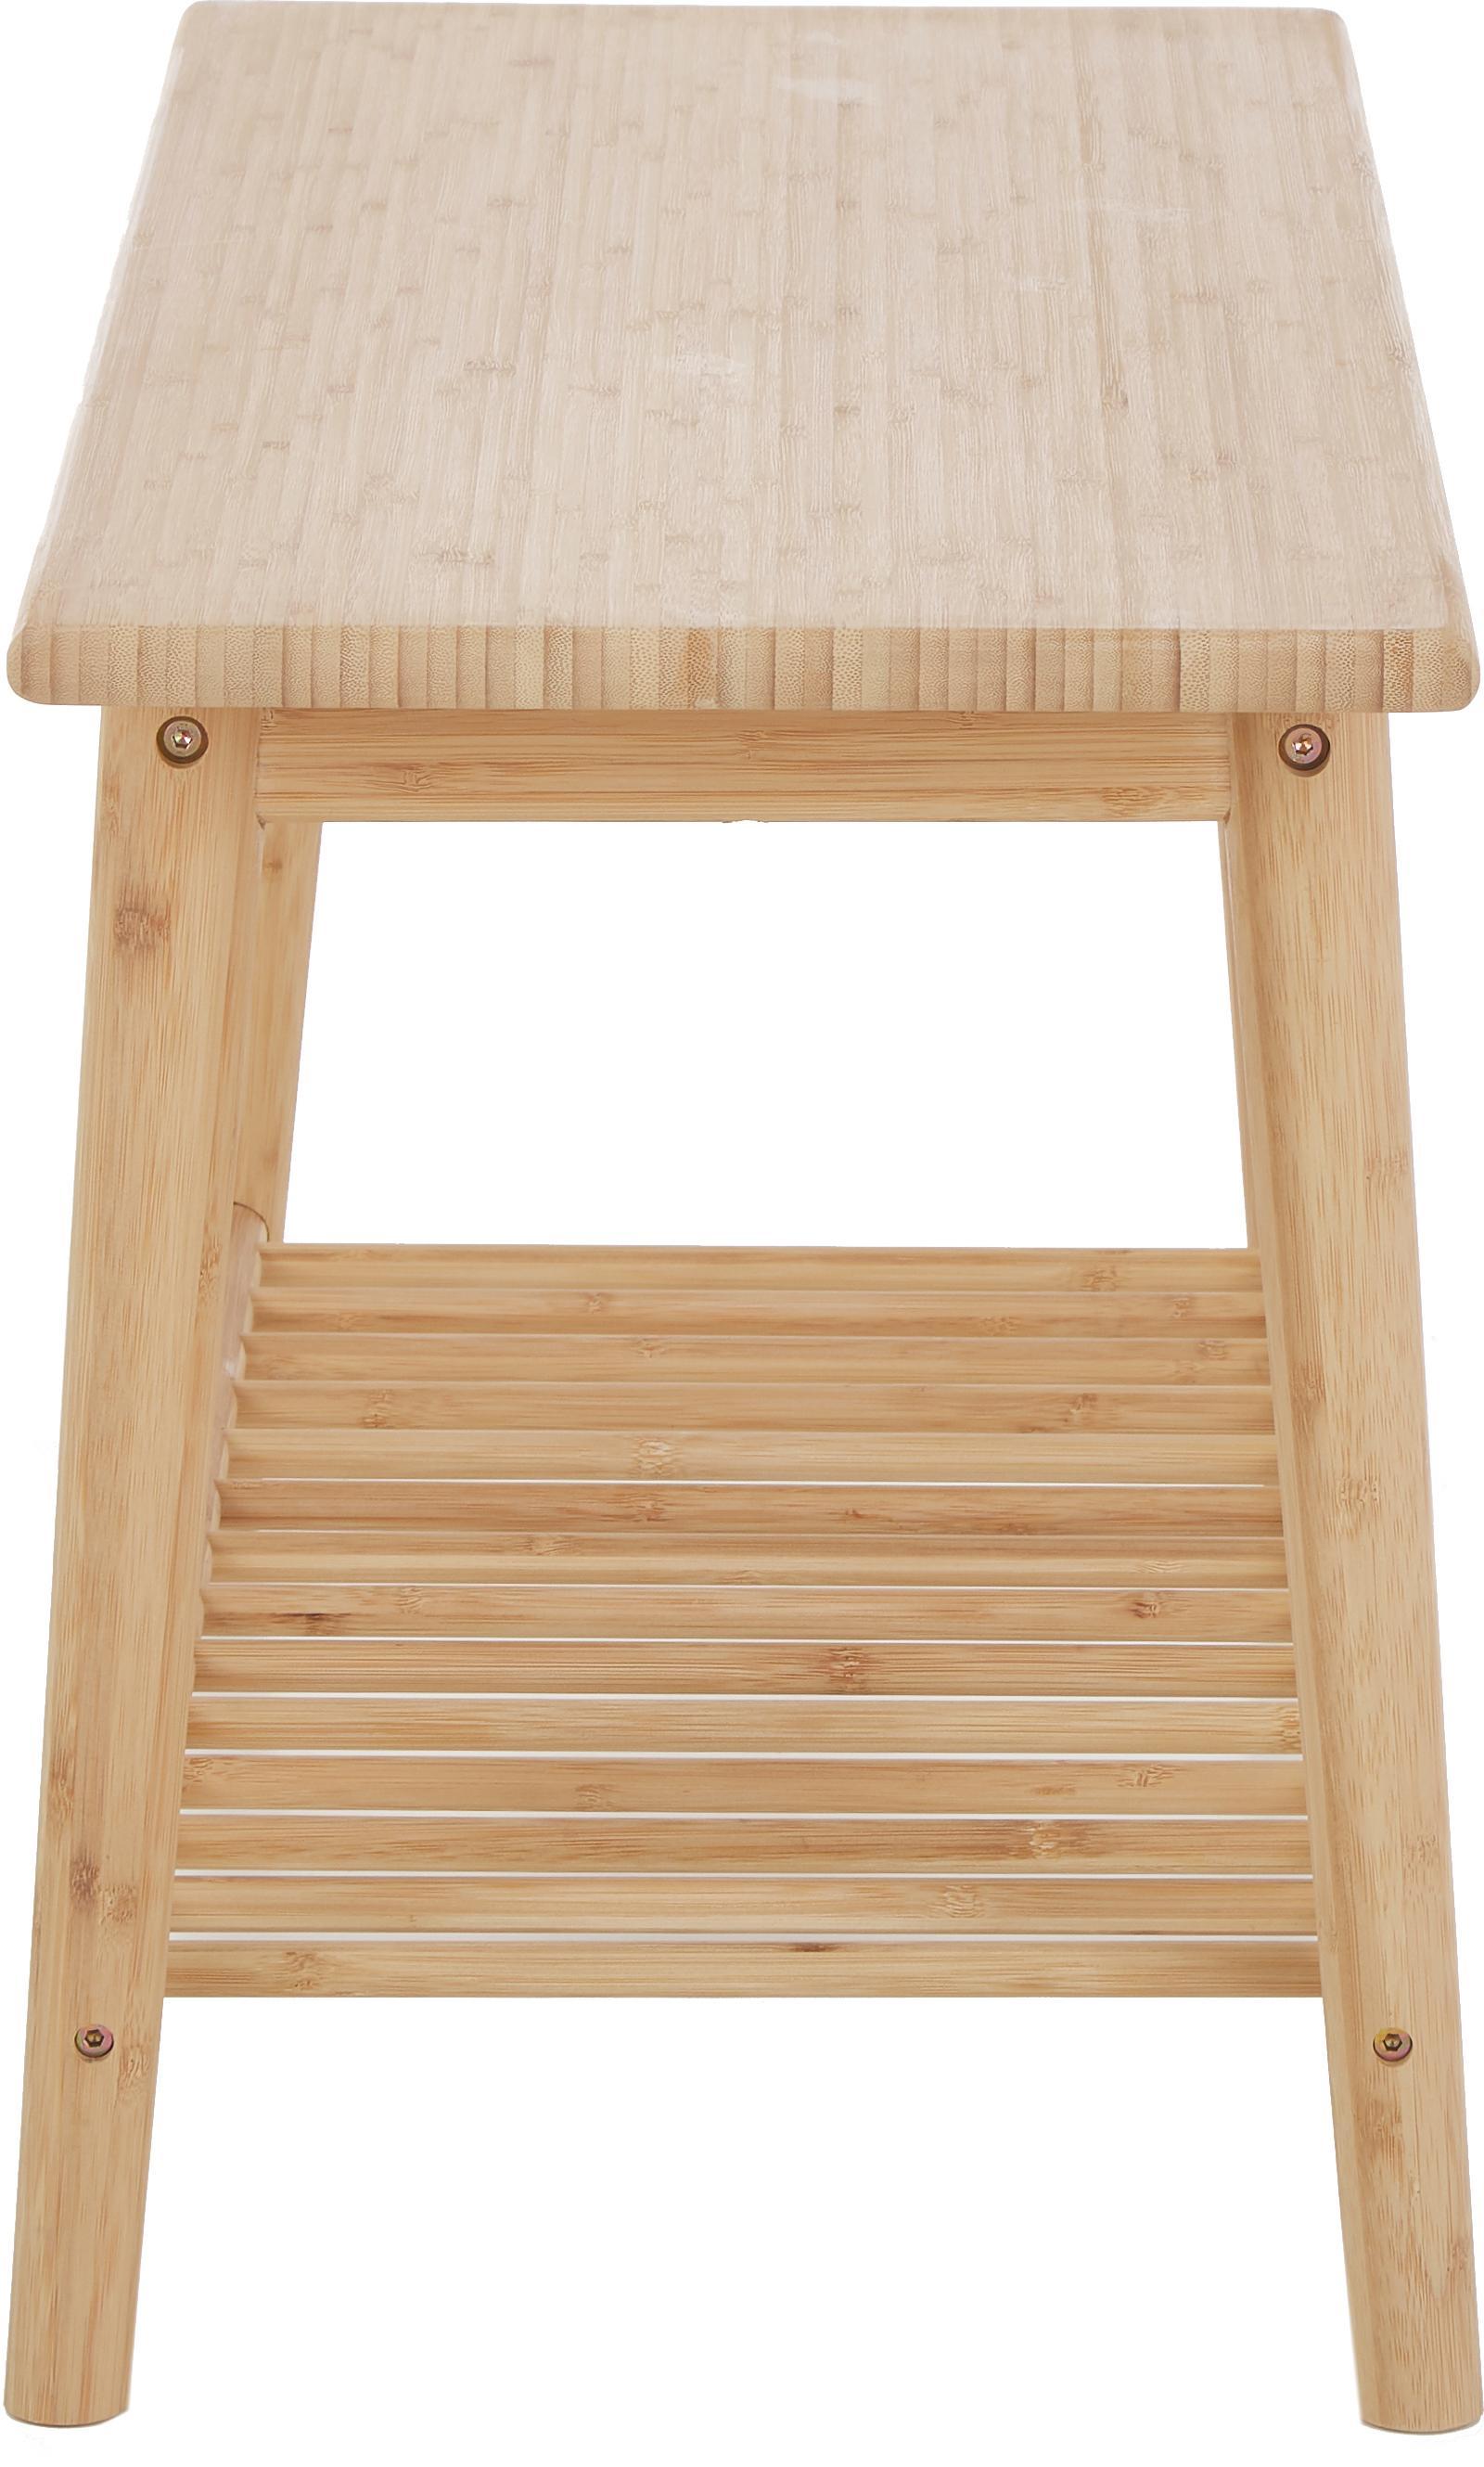 Banco de bambú Noble, Bambú, limado y aceitado, Bambú, An 90 x Al 45 cm